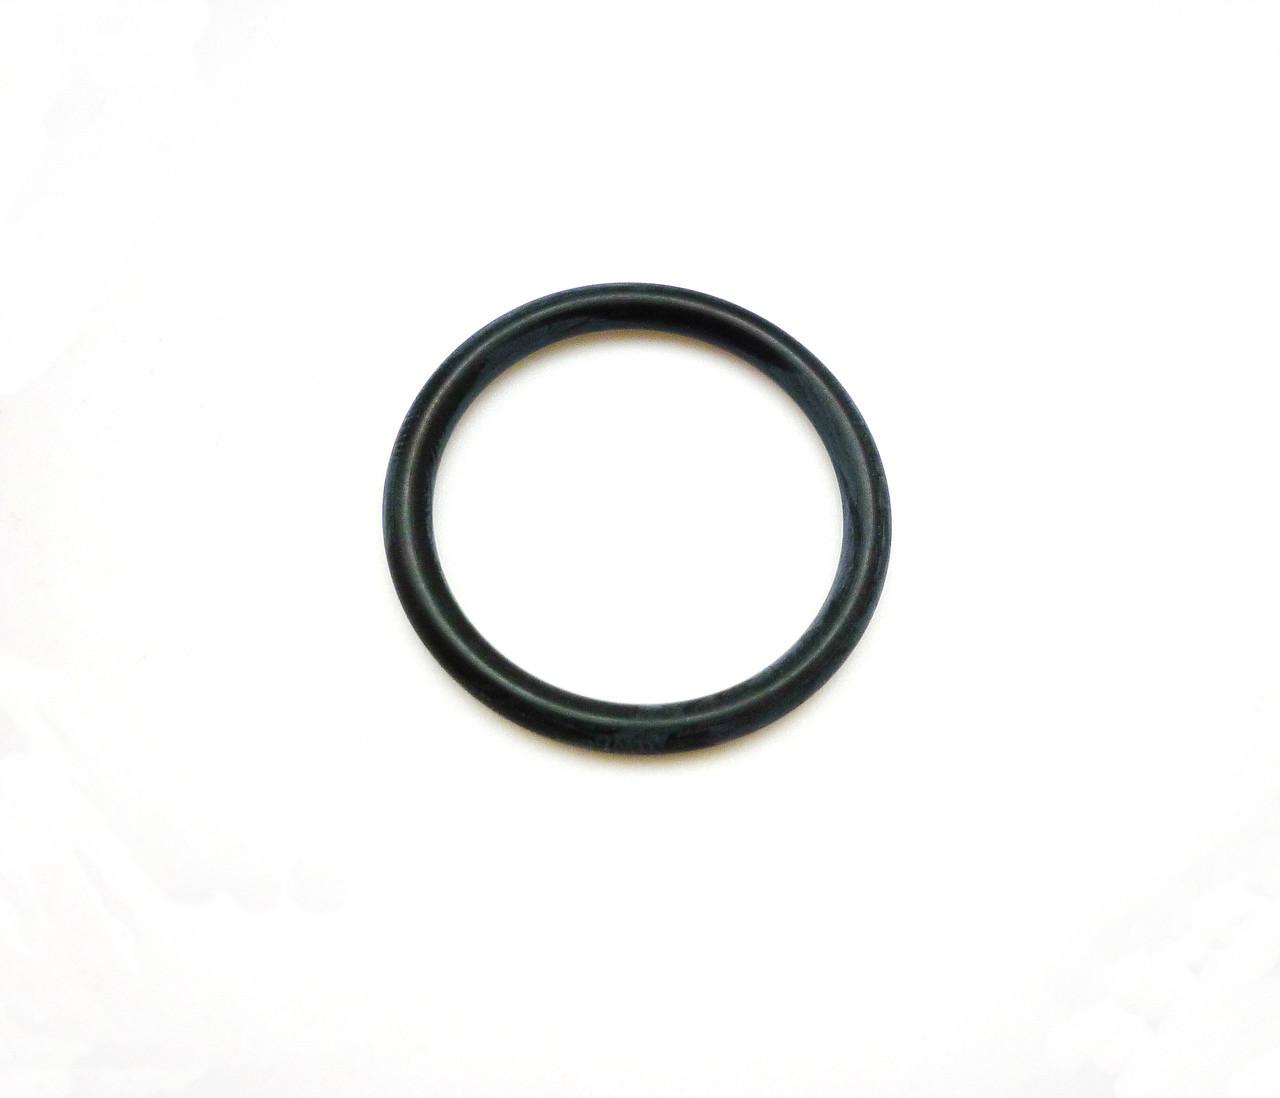 Кольцо уплотнительное масляного теплообменника Cummins QSX 15 C4966084 С4966084 4966084